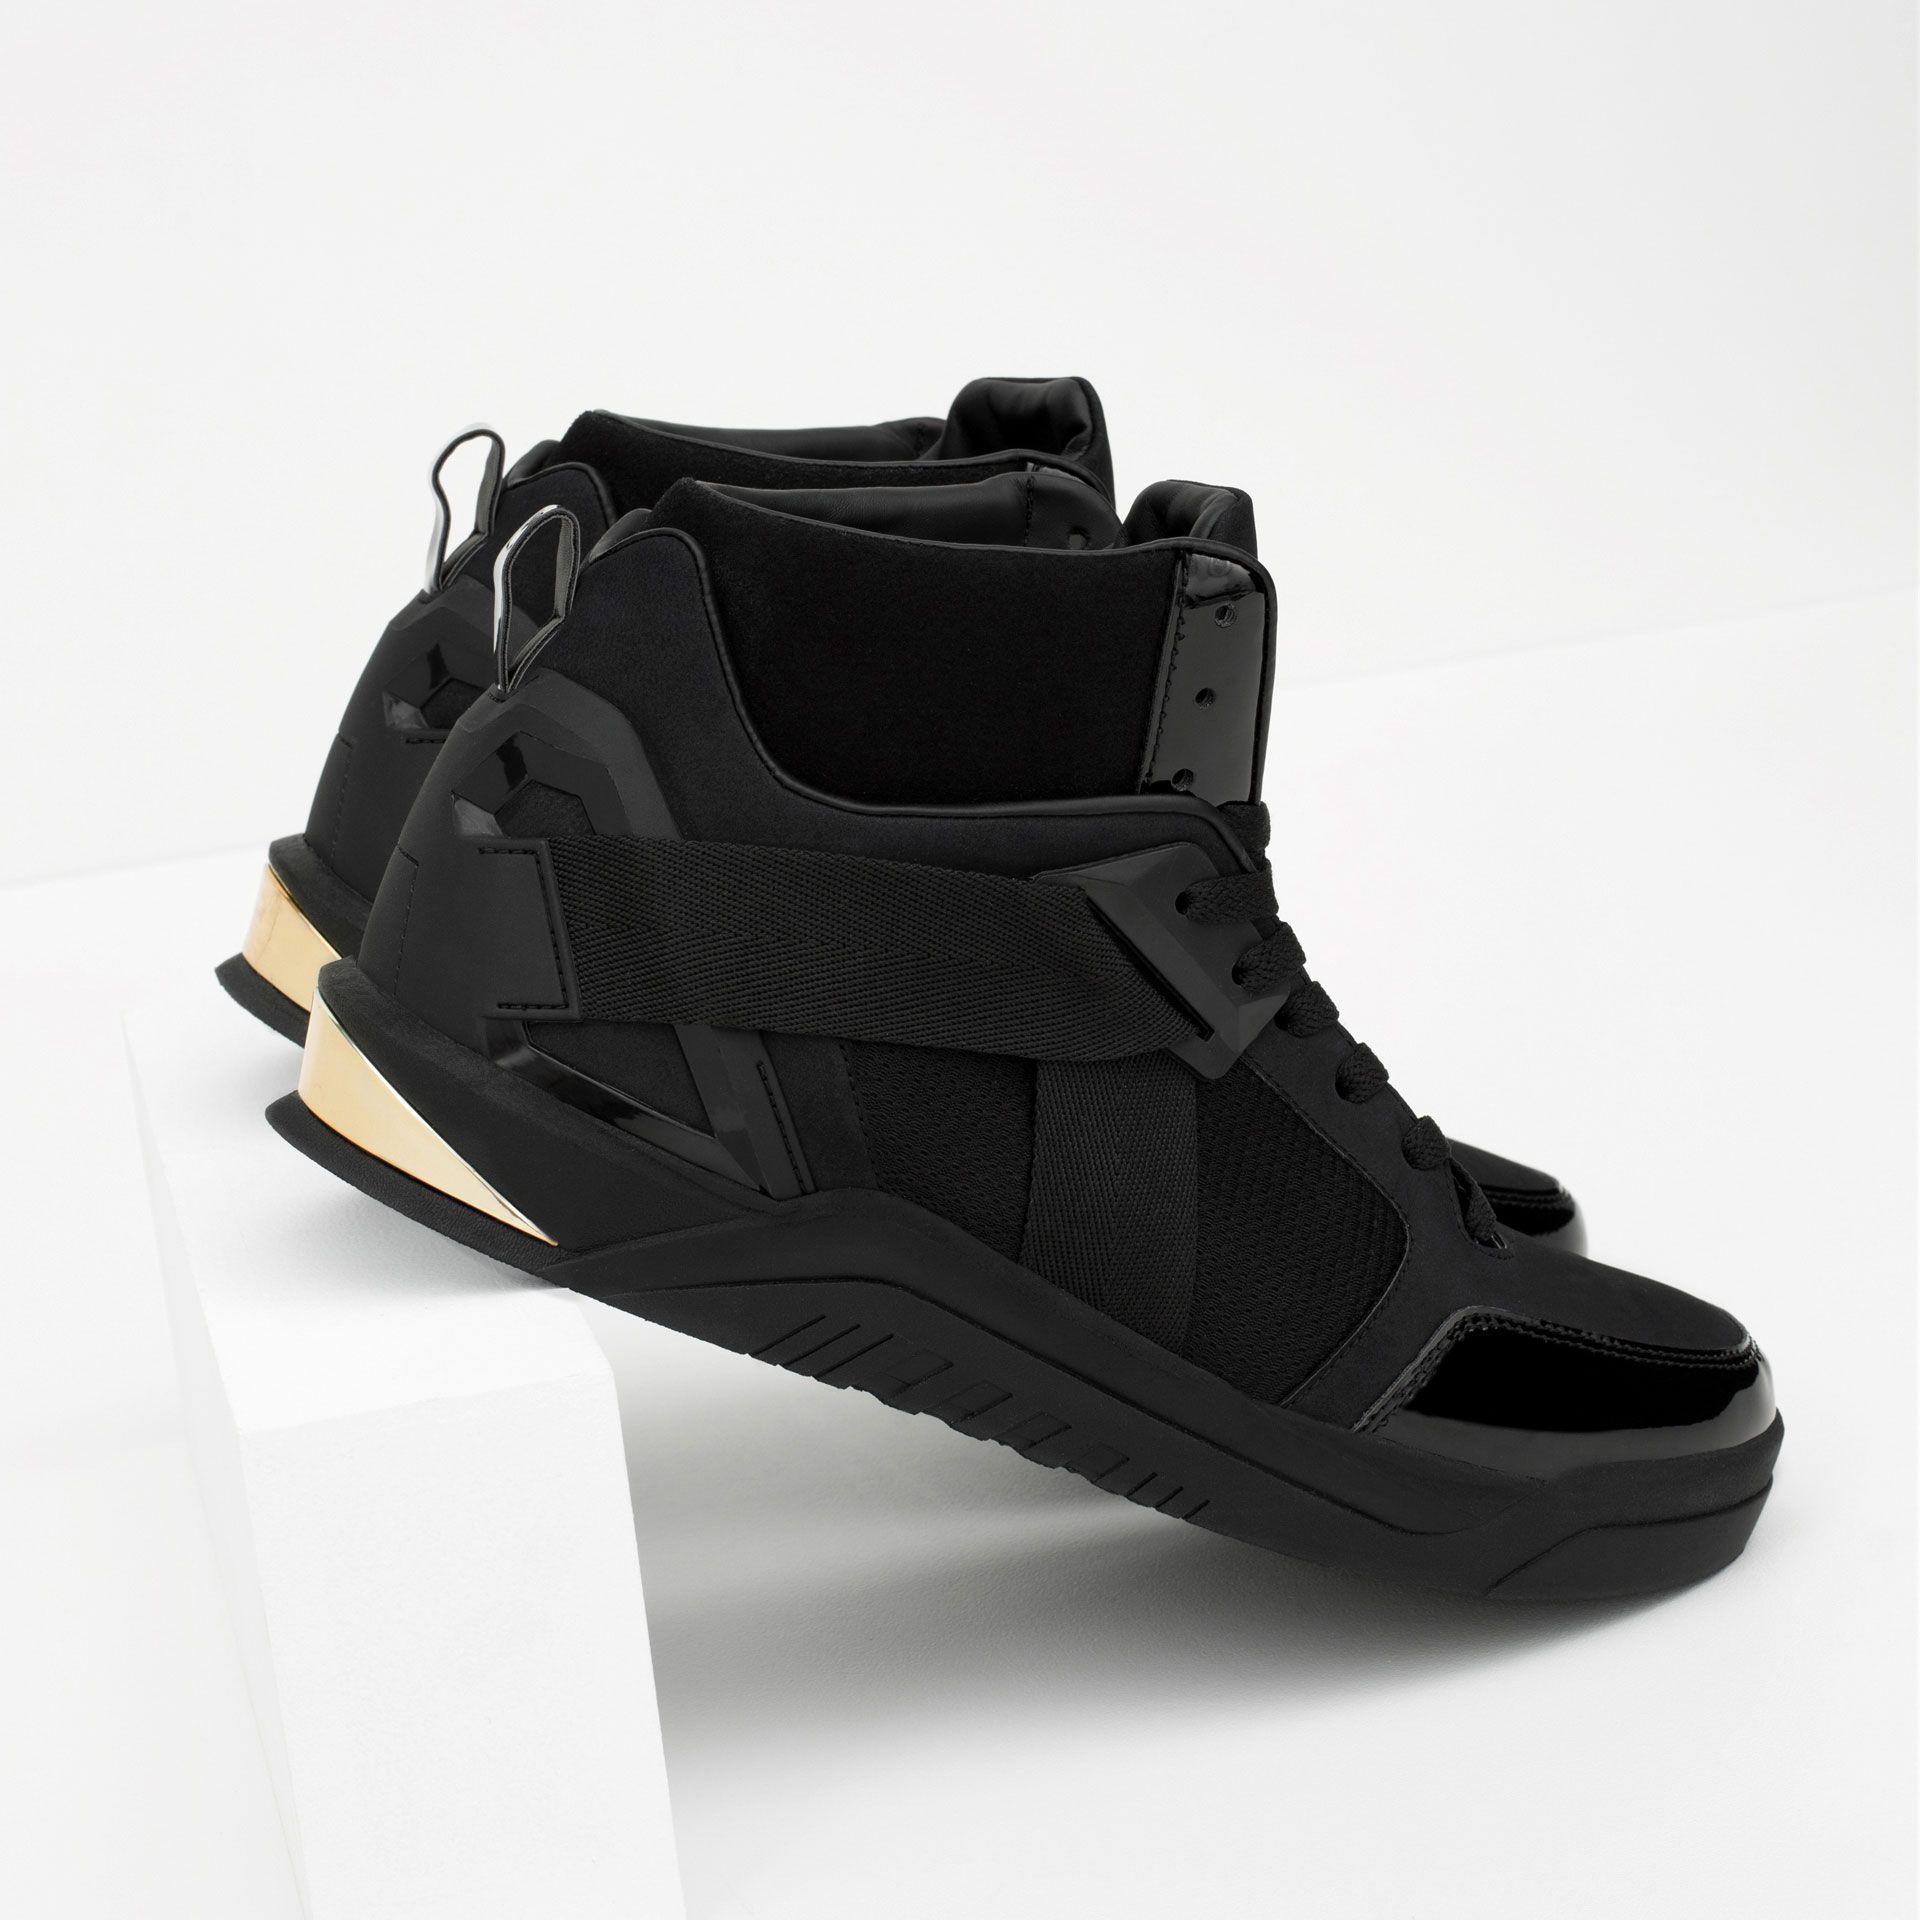 11aa65af54bc03 Métallisé Homme Détail Tout Voir Baskets Montantes Chaussures nPkwOX80